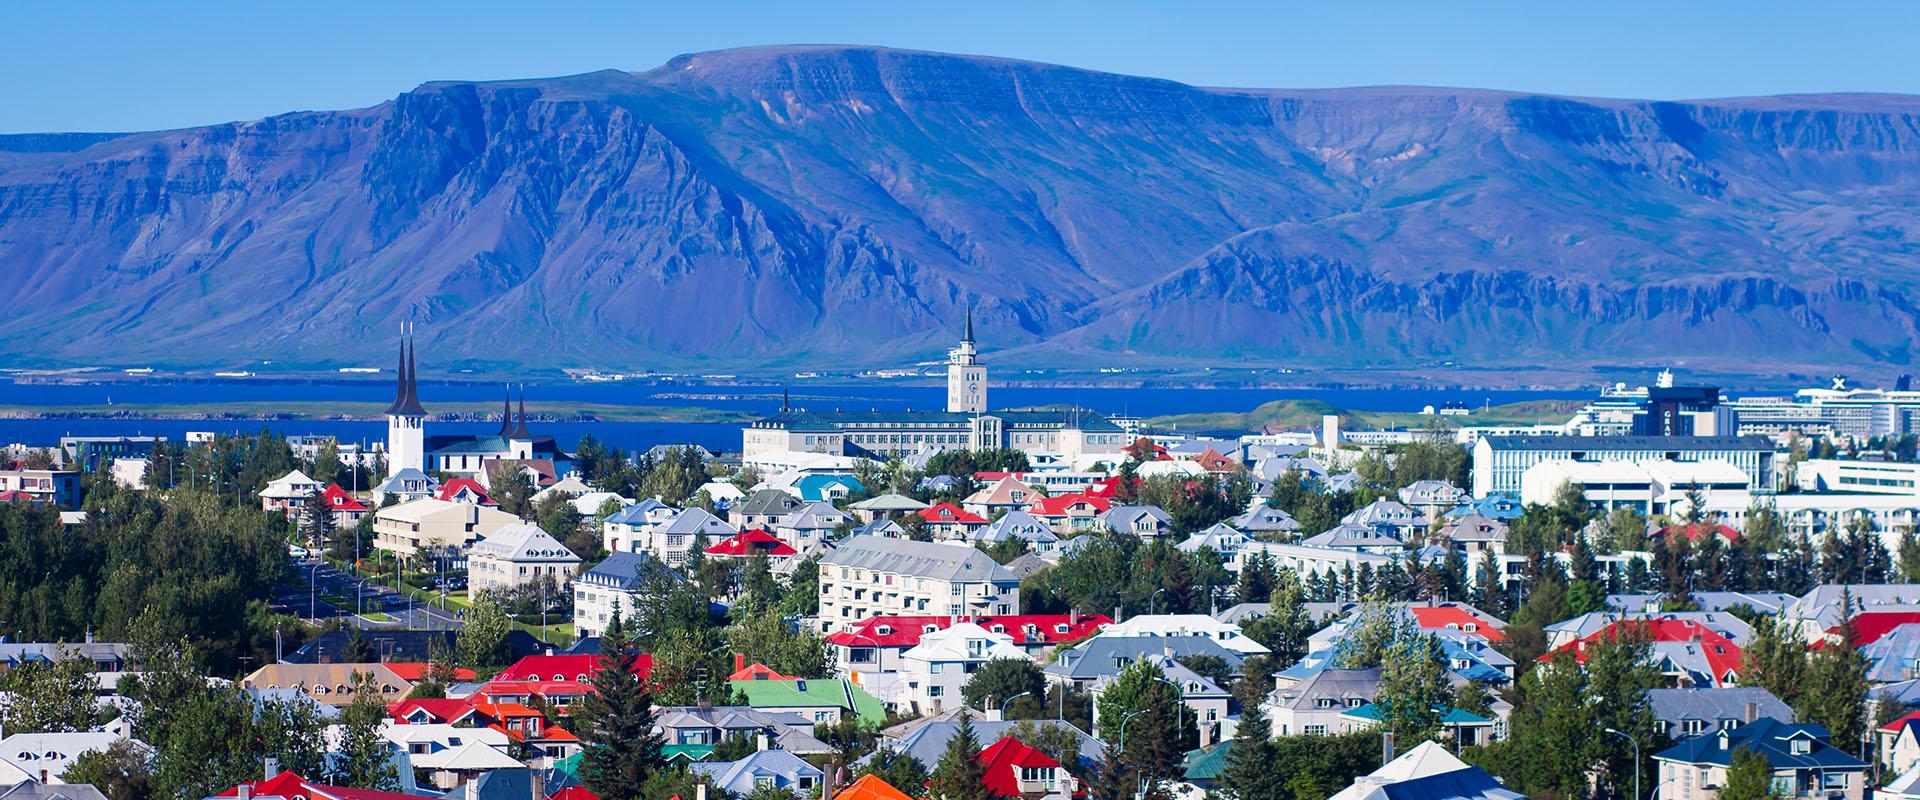 Reykjavik - une vue panoramique sur la ville et la baie, avec la chaîne de montagnes volcaniques Esja en arrière-plan